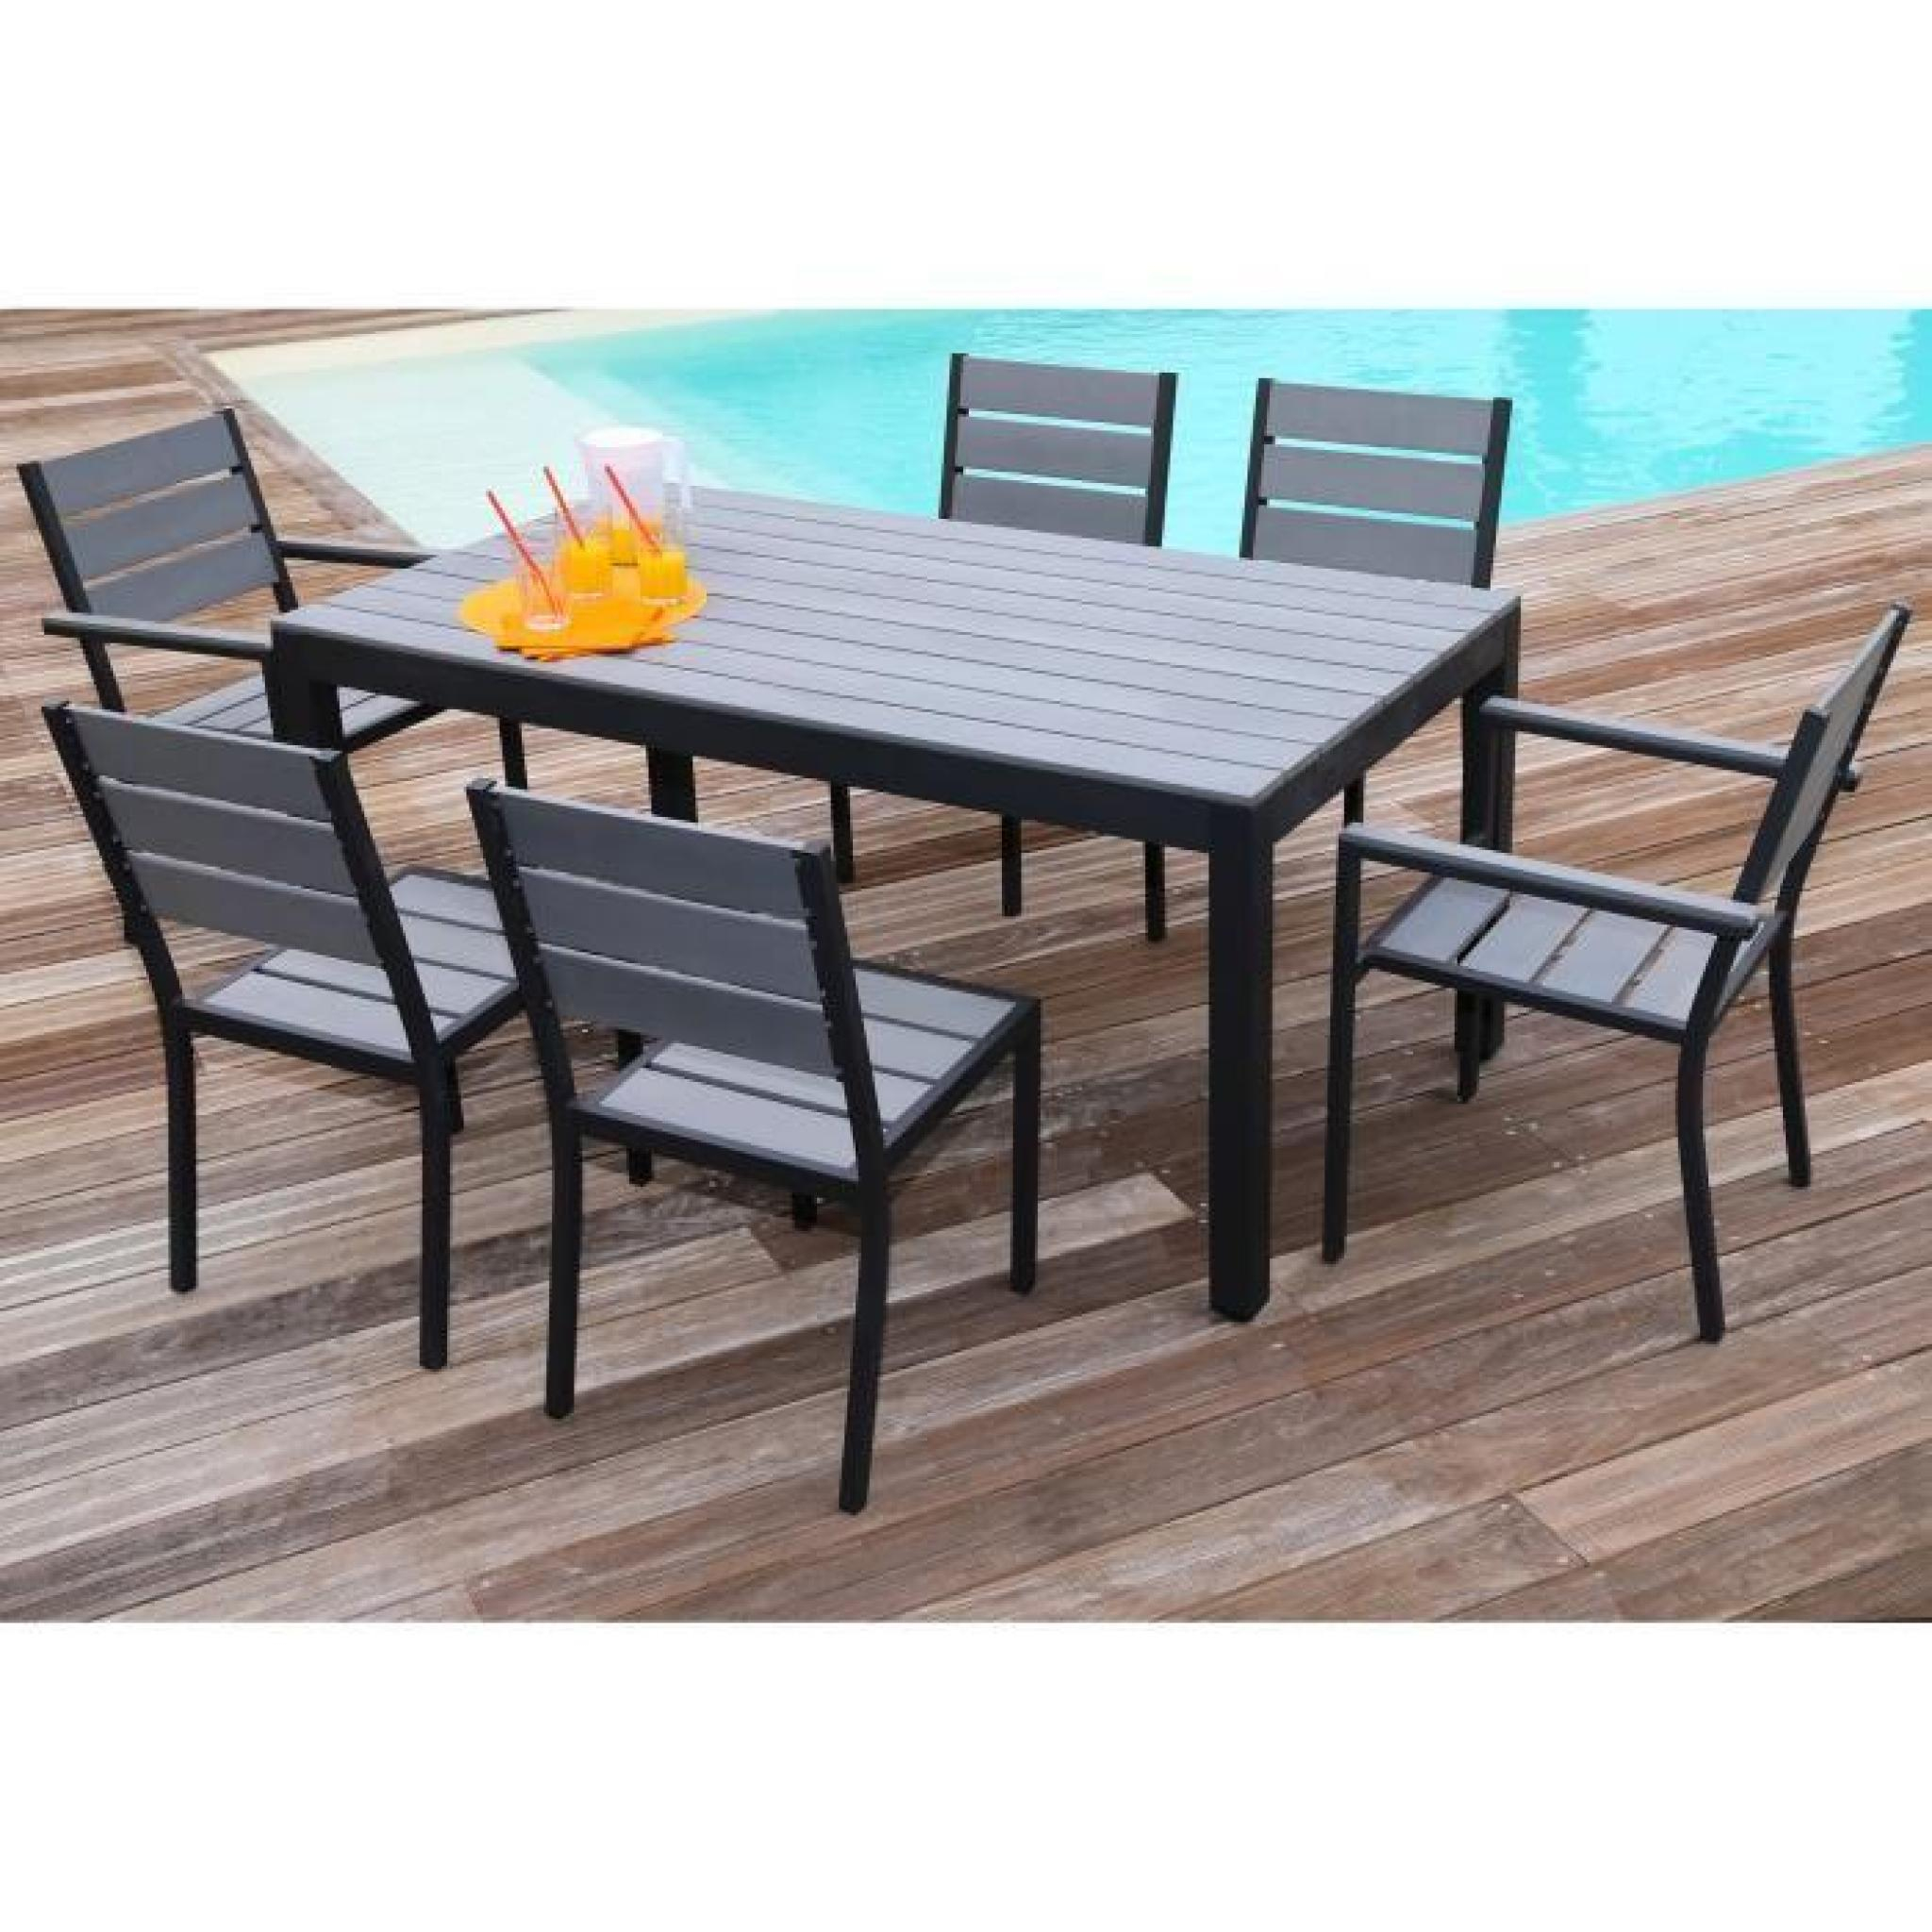 Floride Ensemble Table De Jardin 160 Cm + 2 Fauteuils + 4 Chaises Aluminium  Et Polywood Gris intérieur Table Et Chaises De Jardin Pas Cher